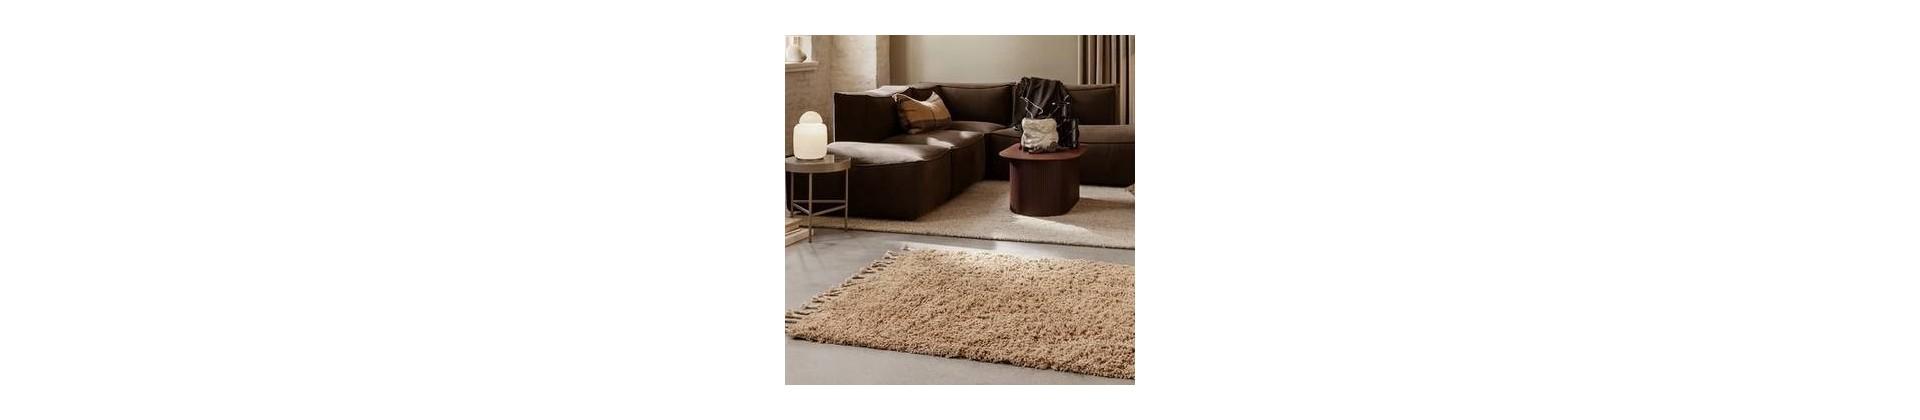 Rugs : modern rug & scandinavian rugs online